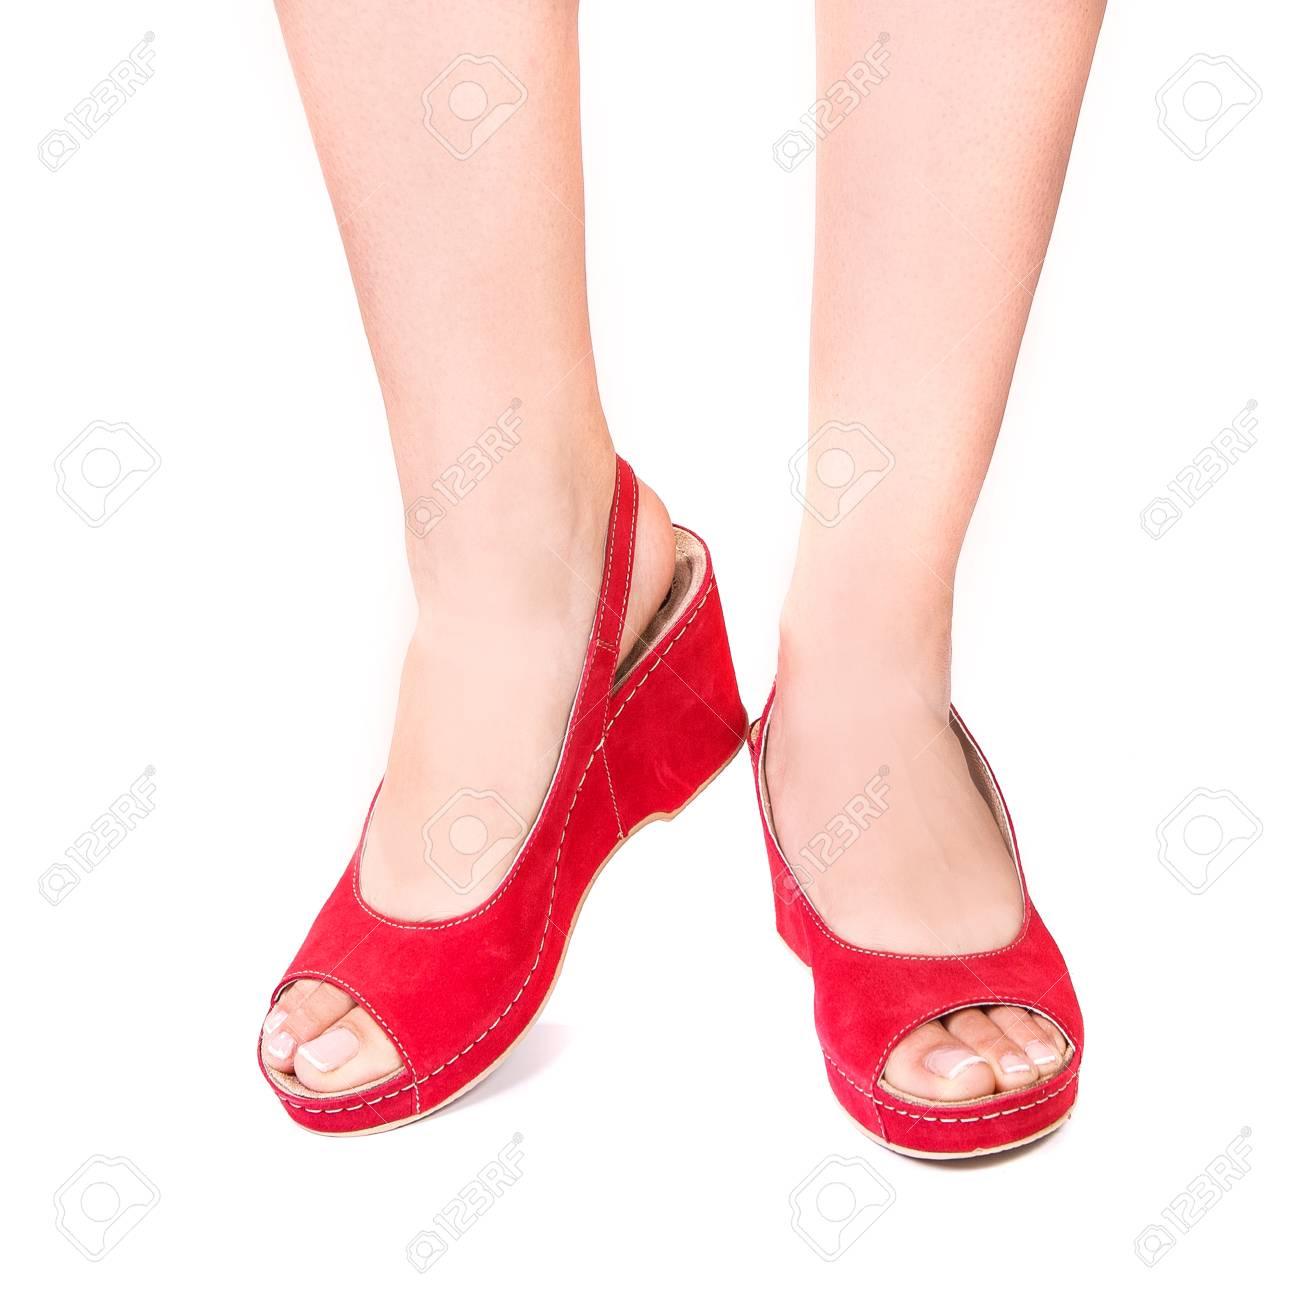 3ad53446 Foto de archivo - Piernas de una niña en zapatos ortopédicos de verano  sobre fondo blanco aislado